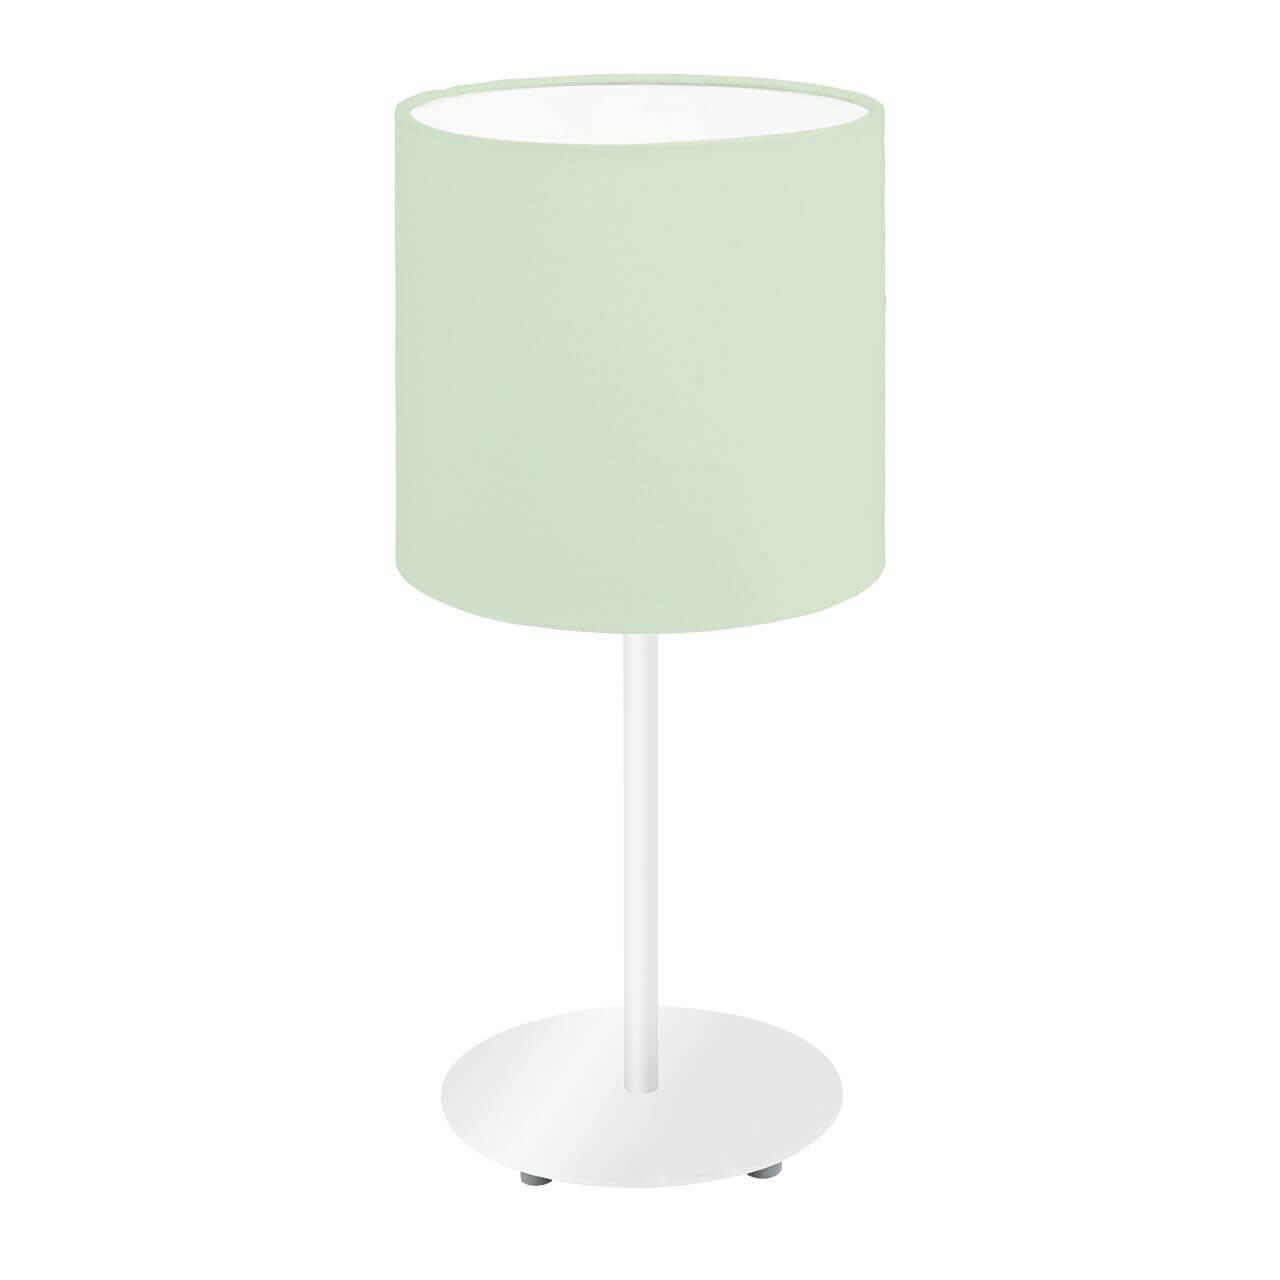 Настольная лампа Eglo Pasteri-P 97382 настольная лампа eglo pasteri 95119